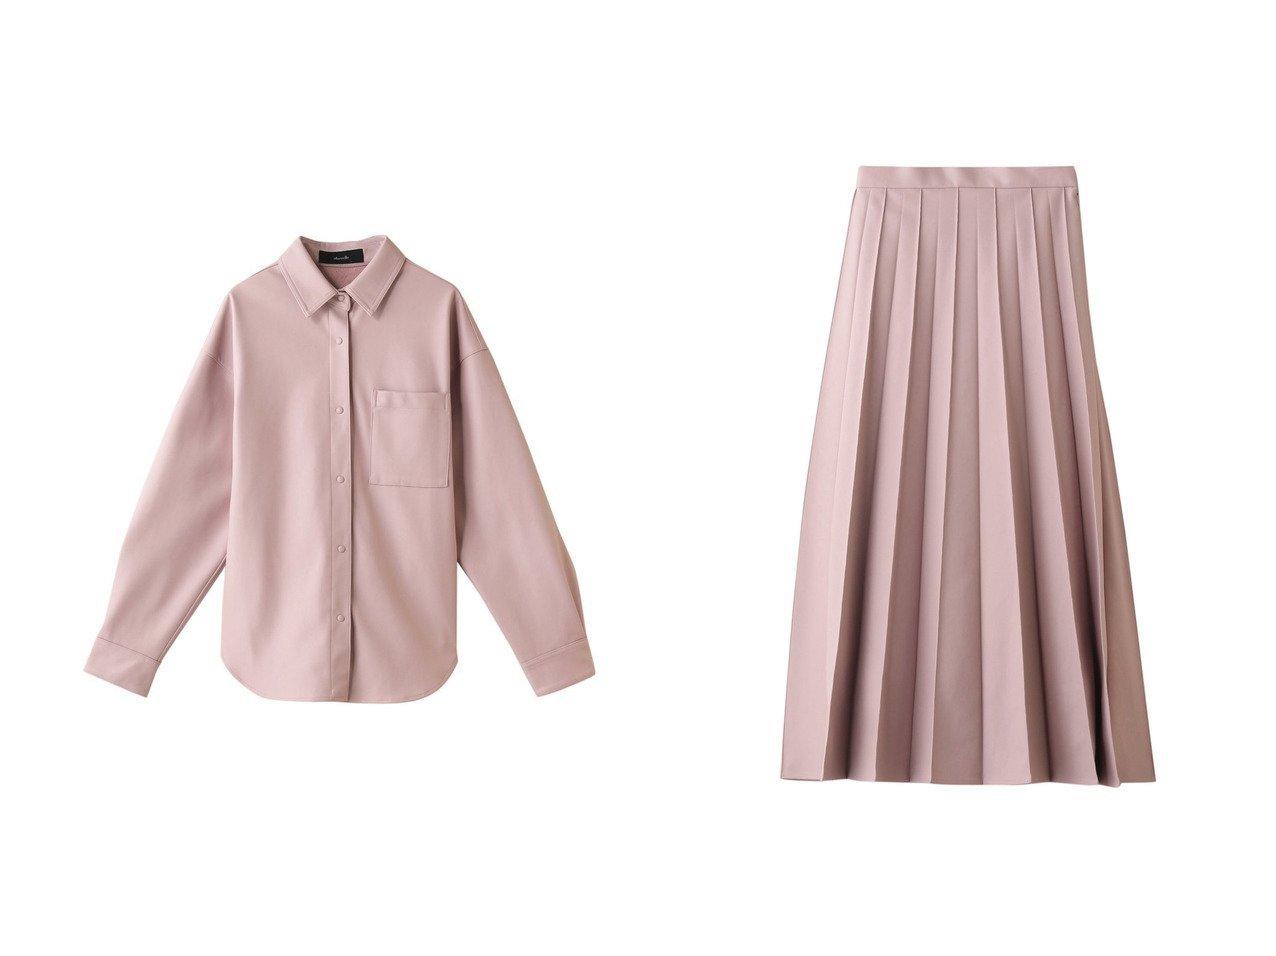 【allureville/アルアバイル】のフェイクレザーオーバーシャツ&フェイクレザータックプリーツスカート allurevilleのおすすめ!人気、トレンド・レディースファッションの通販 おすすめで人気の流行・トレンド、ファッションの通販商品 メンズファッション・キッズファッション・インテリア・家具・レディースファッション・服の通販 founy(ファニー) https://founy.com/ ファッション Fashion レディースファッション WOMEN スカート Skirt プリーツスカート Pleated Skirts トップス Tops Tshirt シャツ/ブラウス Shirts Blouses 2021年 2021 2021 春夏 S/S SS Spring/Summer 2021 S/S 春夏 SS Spring/Summer エレガント ガーリー フェイクレザー プリーツ ロング 春 Spring |ID:crp329100000019544